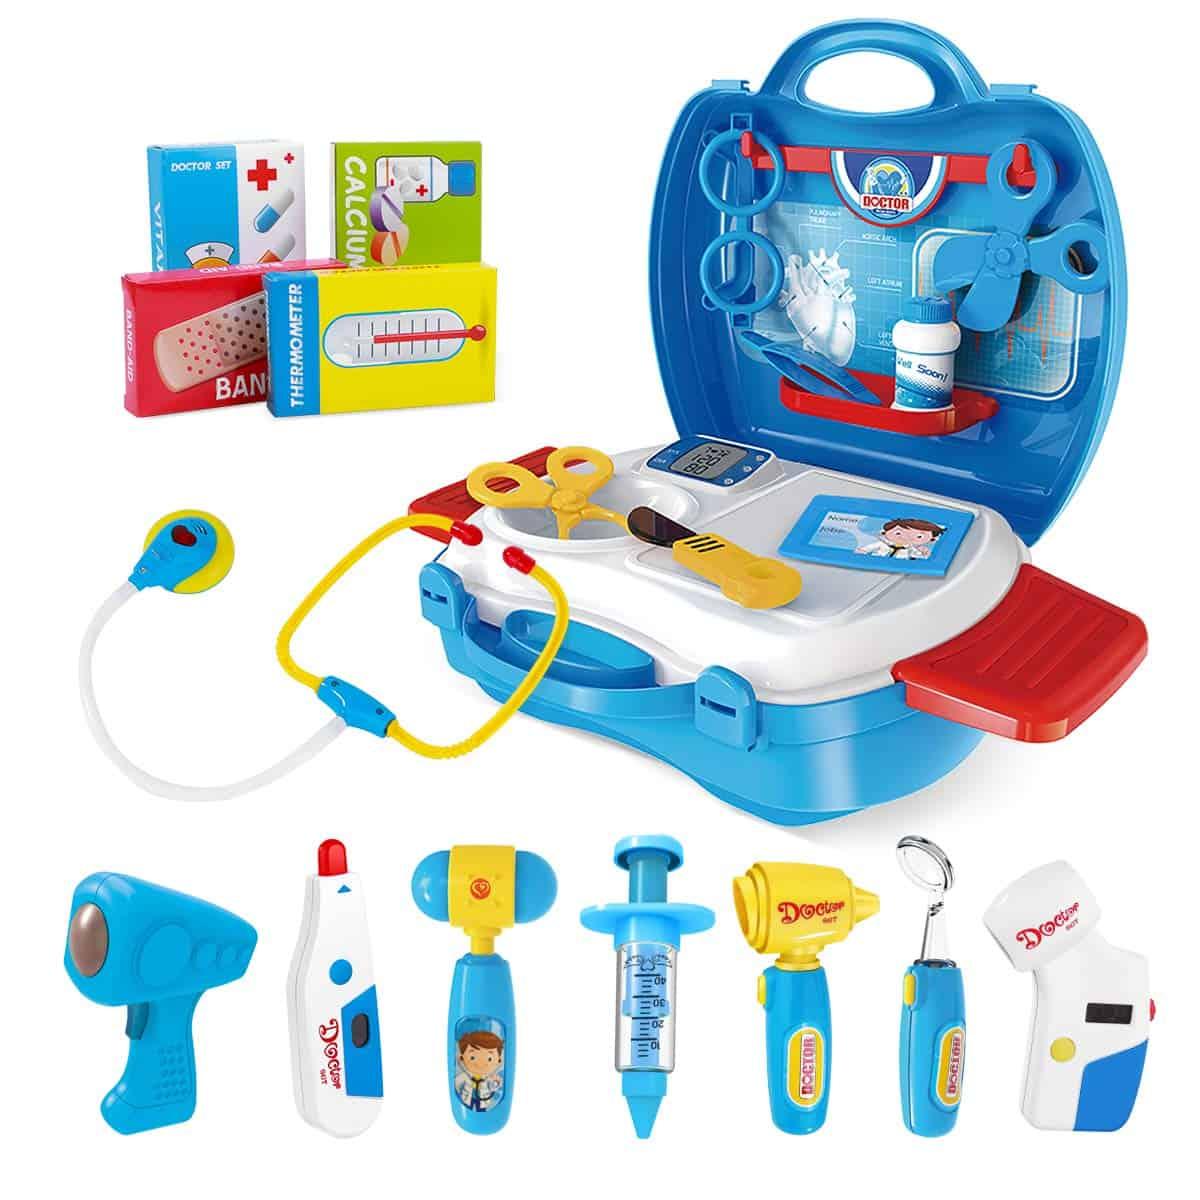 Best Doctor Kit Toys For Kids To Buy 2019 Littleonemag